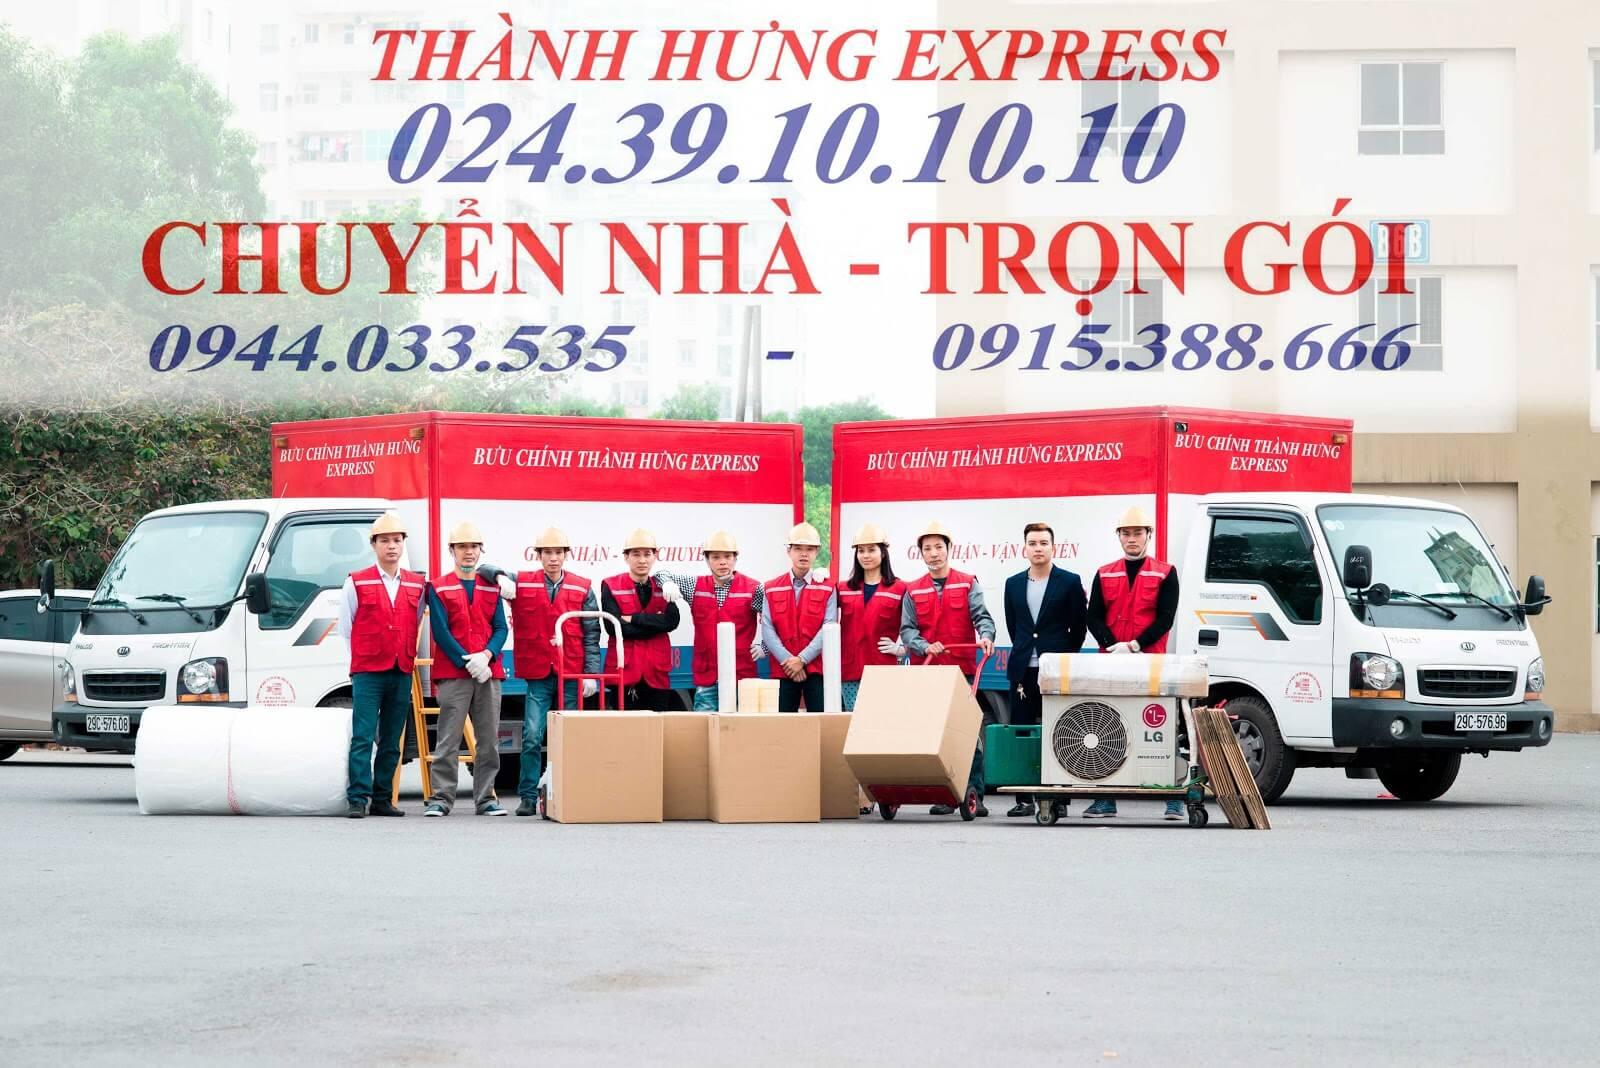 Top 5 tiêu chí đánh giá công ty chuyển nhà Hà Nội uy tín